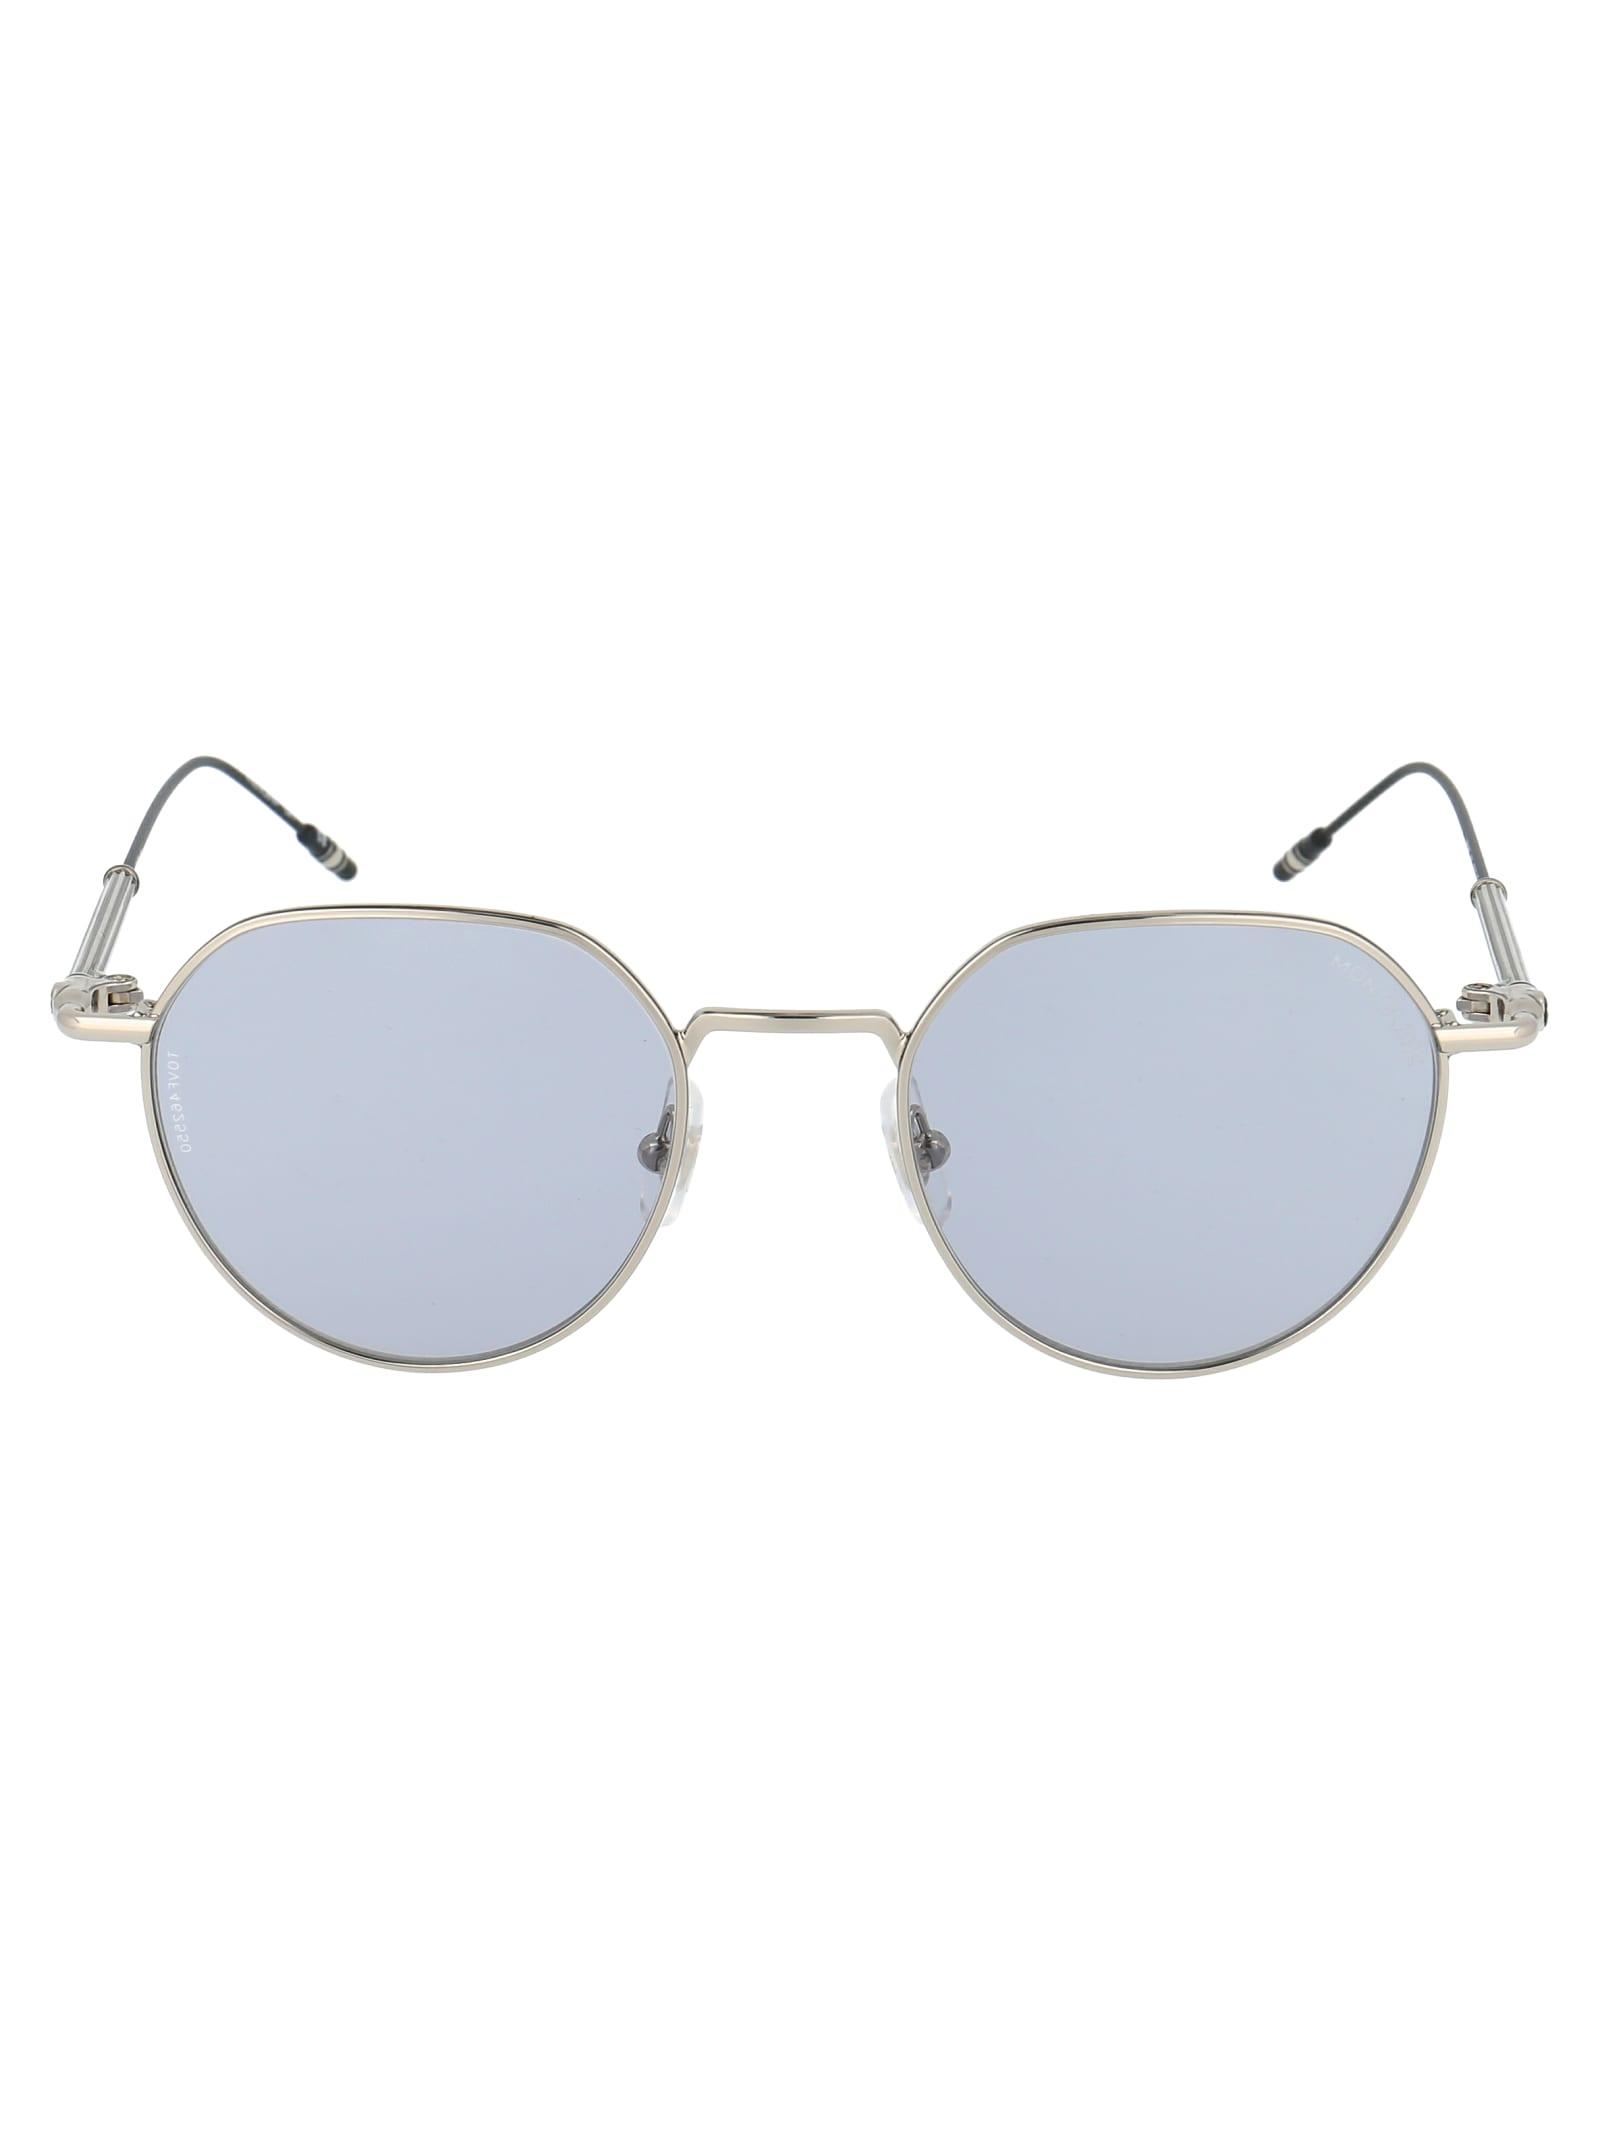 Mb0060s Sunglasses